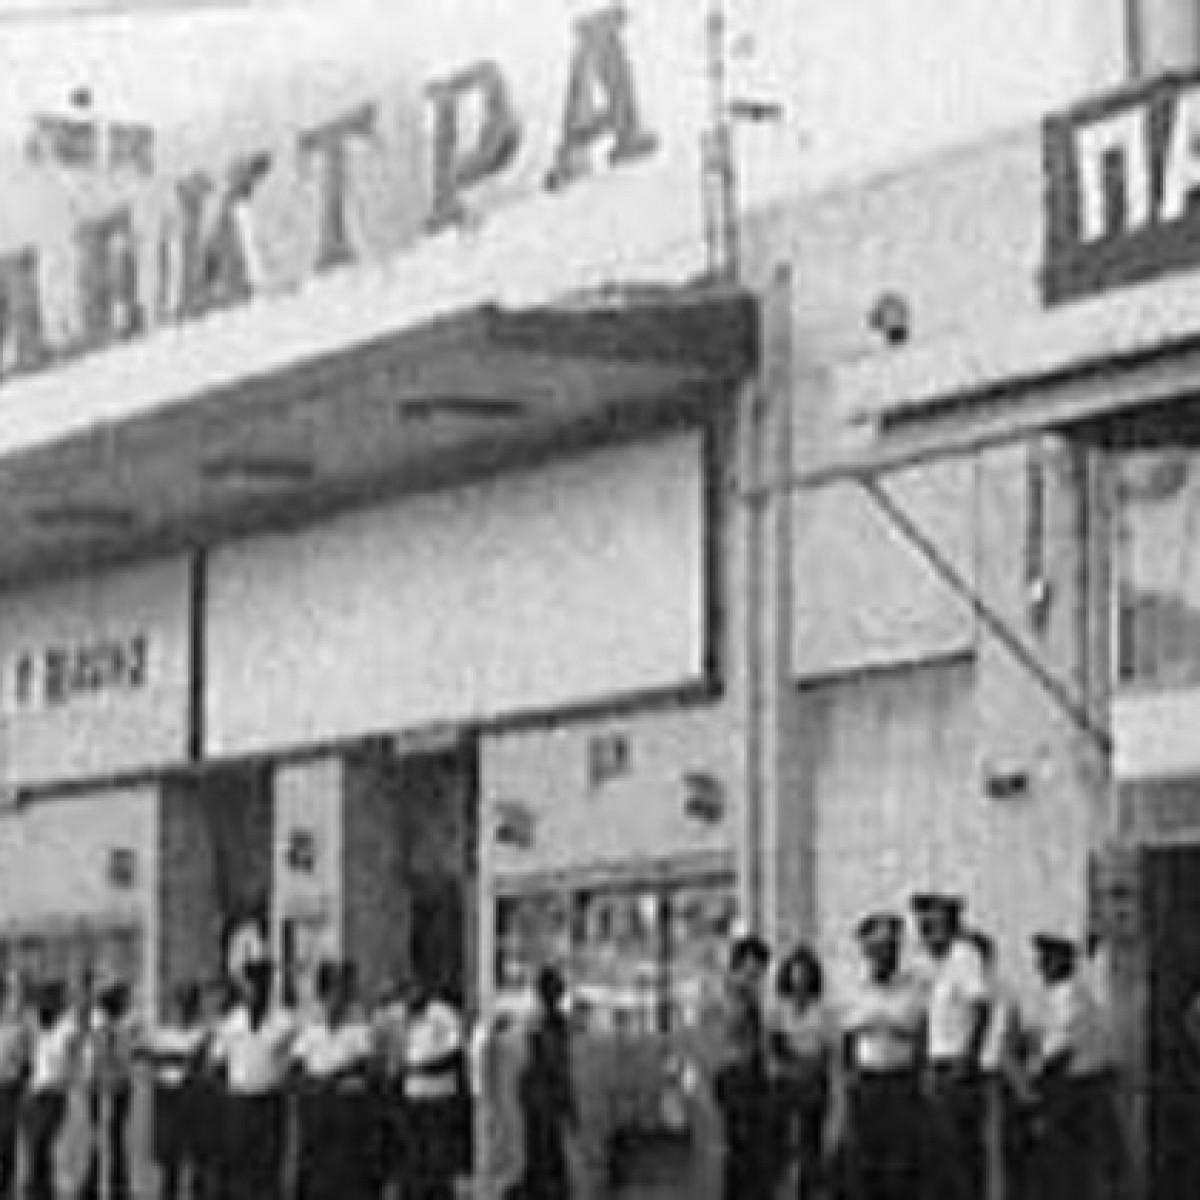 Οι κινηματογράφοι του Ηρακλείου στην προπολεμική περίοδο